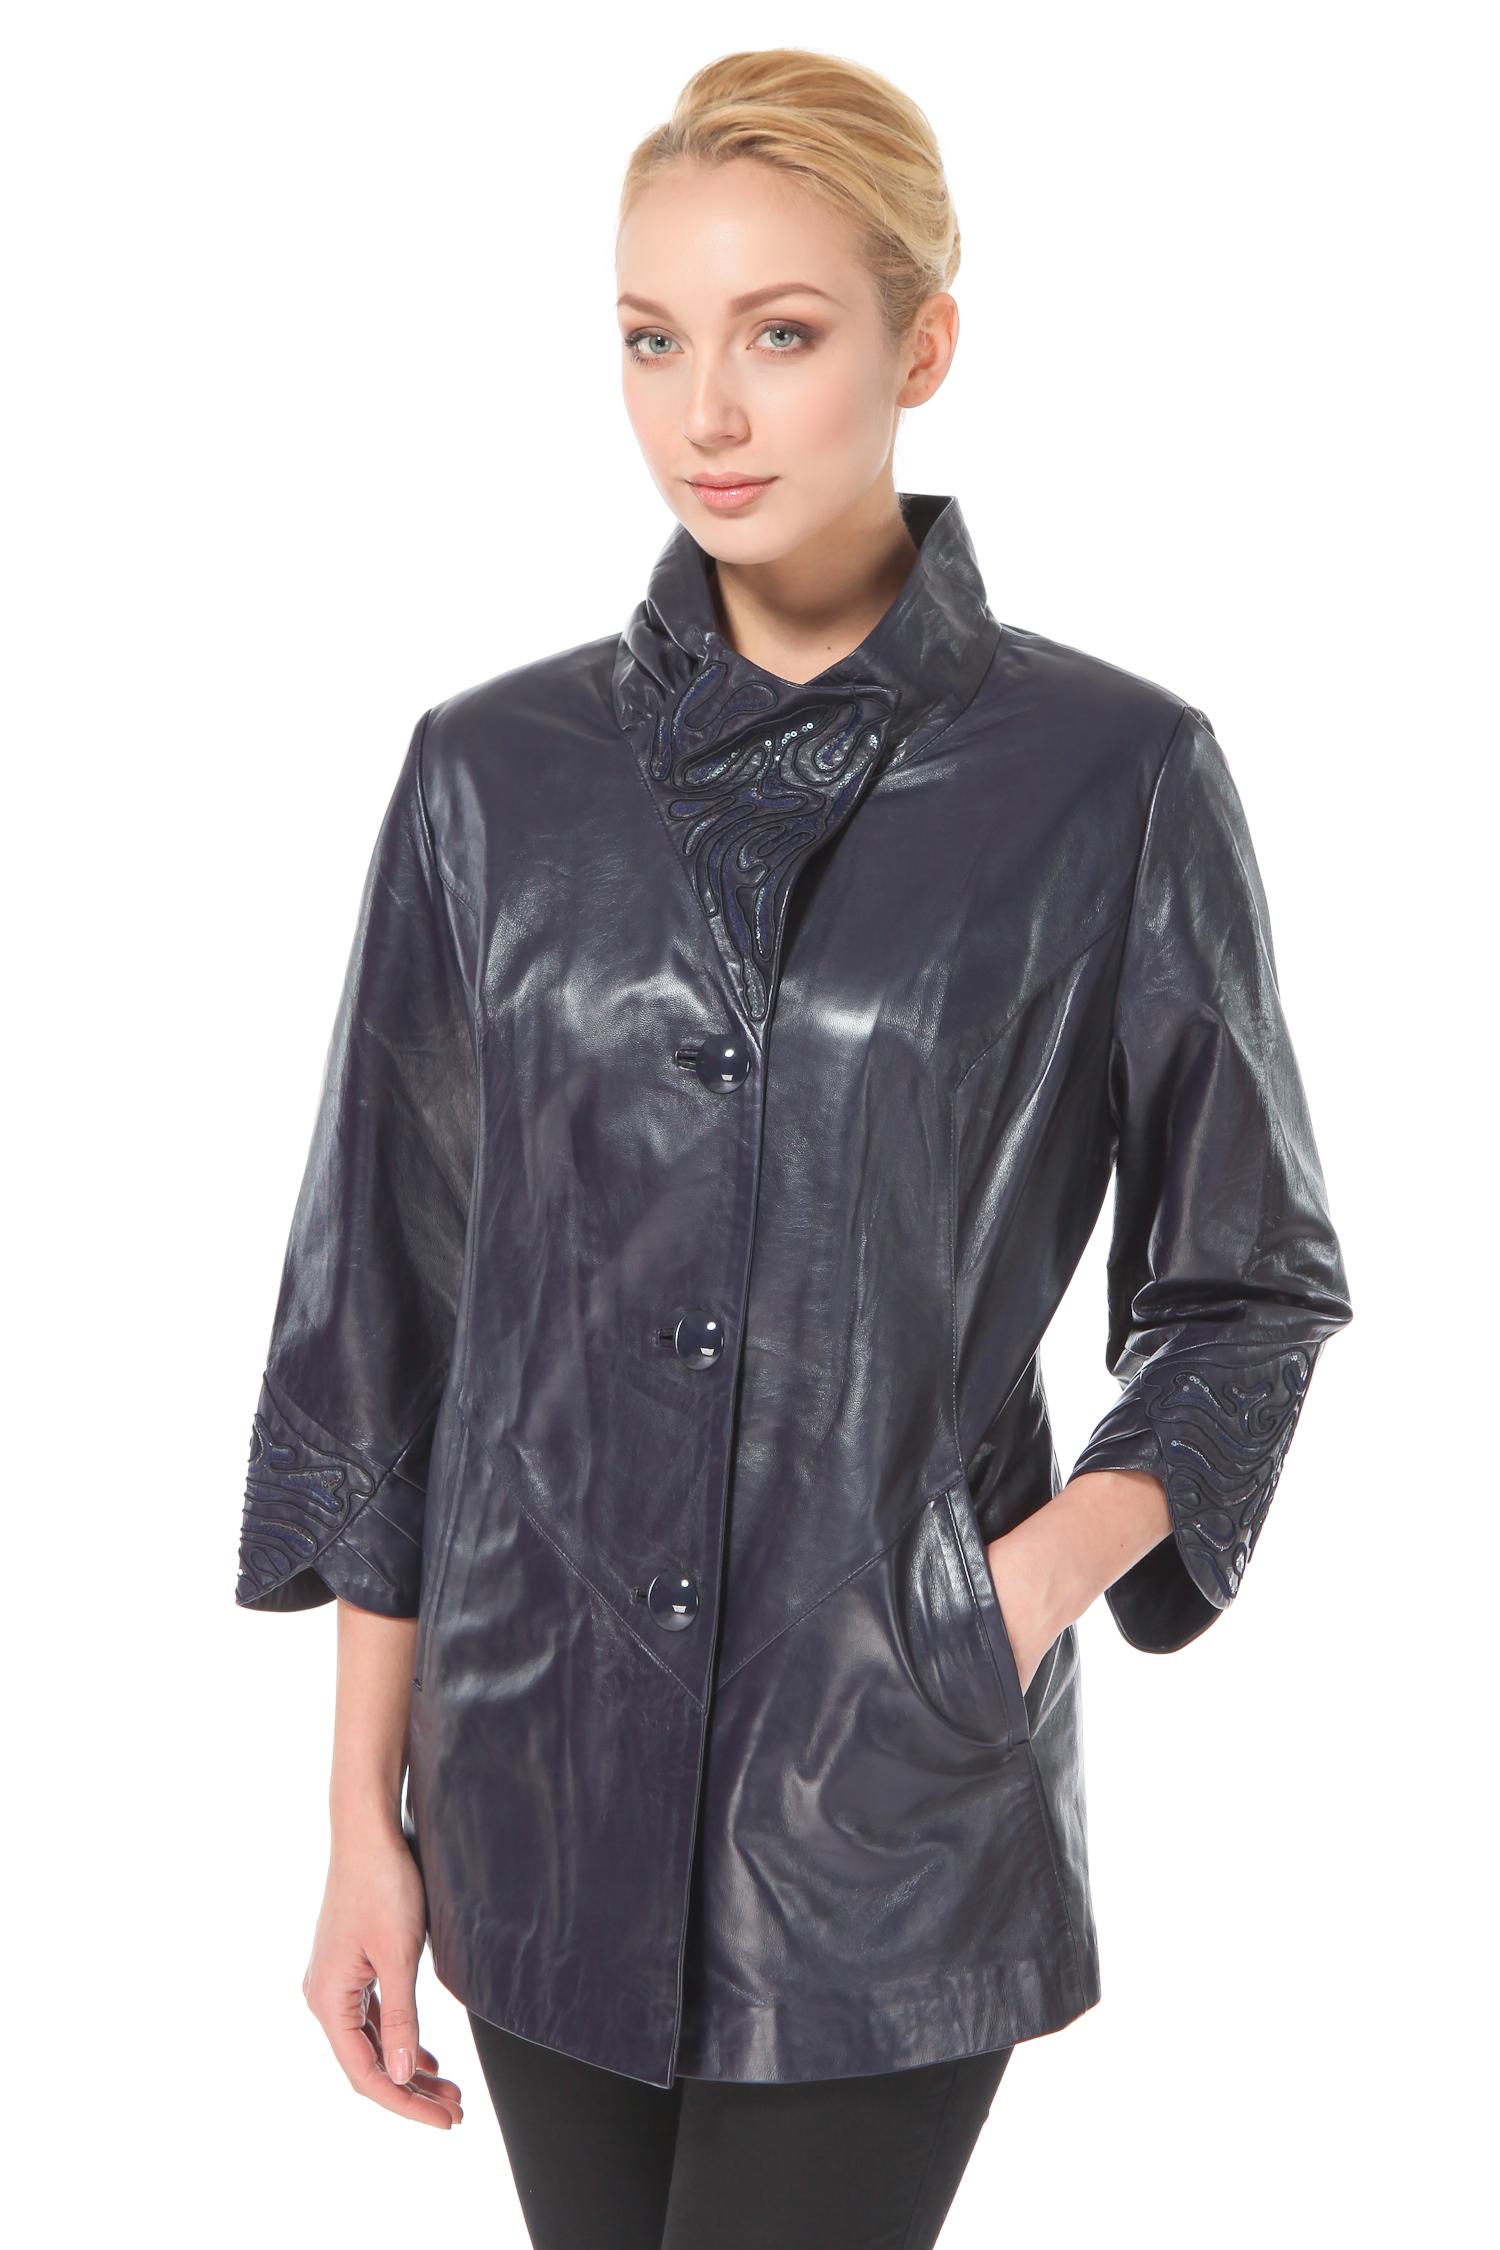 Женская кожаная куртка из натуральной кожи с воротником, без отделки<br><br>Воротник: Стойка<br>Длина см: 70<br>Материал: Натуральная кожа<br>Цвет: Фиолетовый<br>Пол: Женский